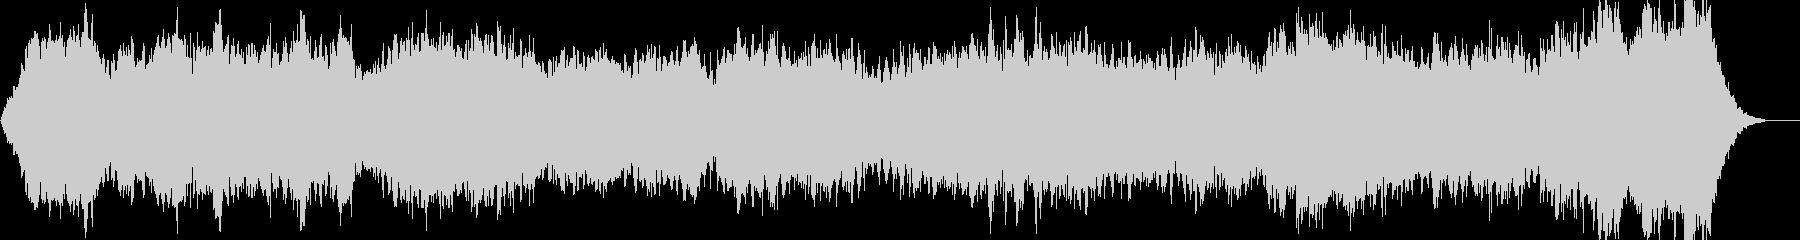 美しいストリングスのアダージョBGMの未再生の波形